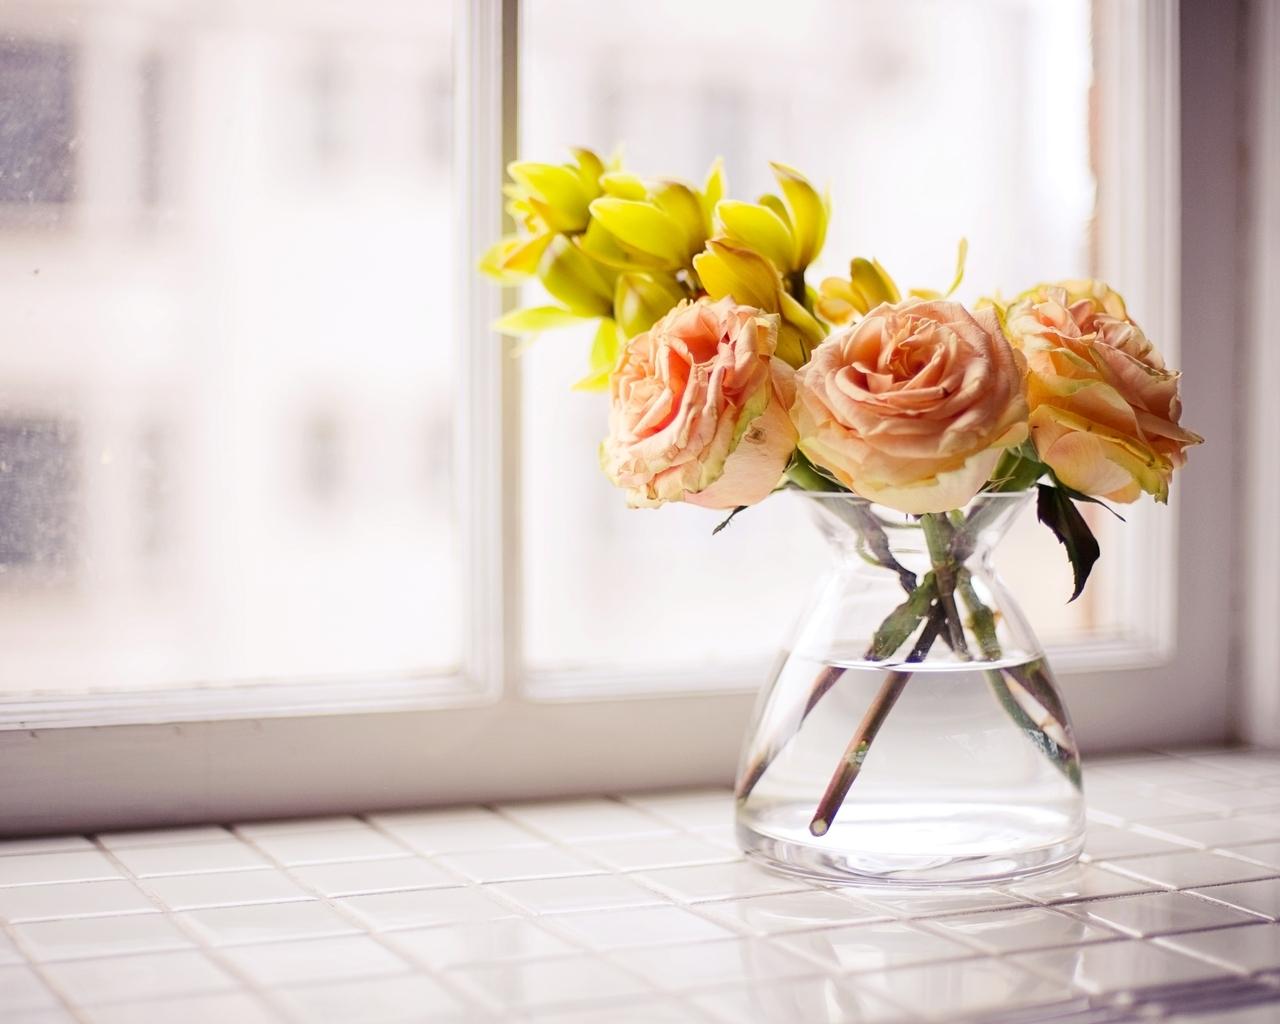 Цветы долго стоят фото